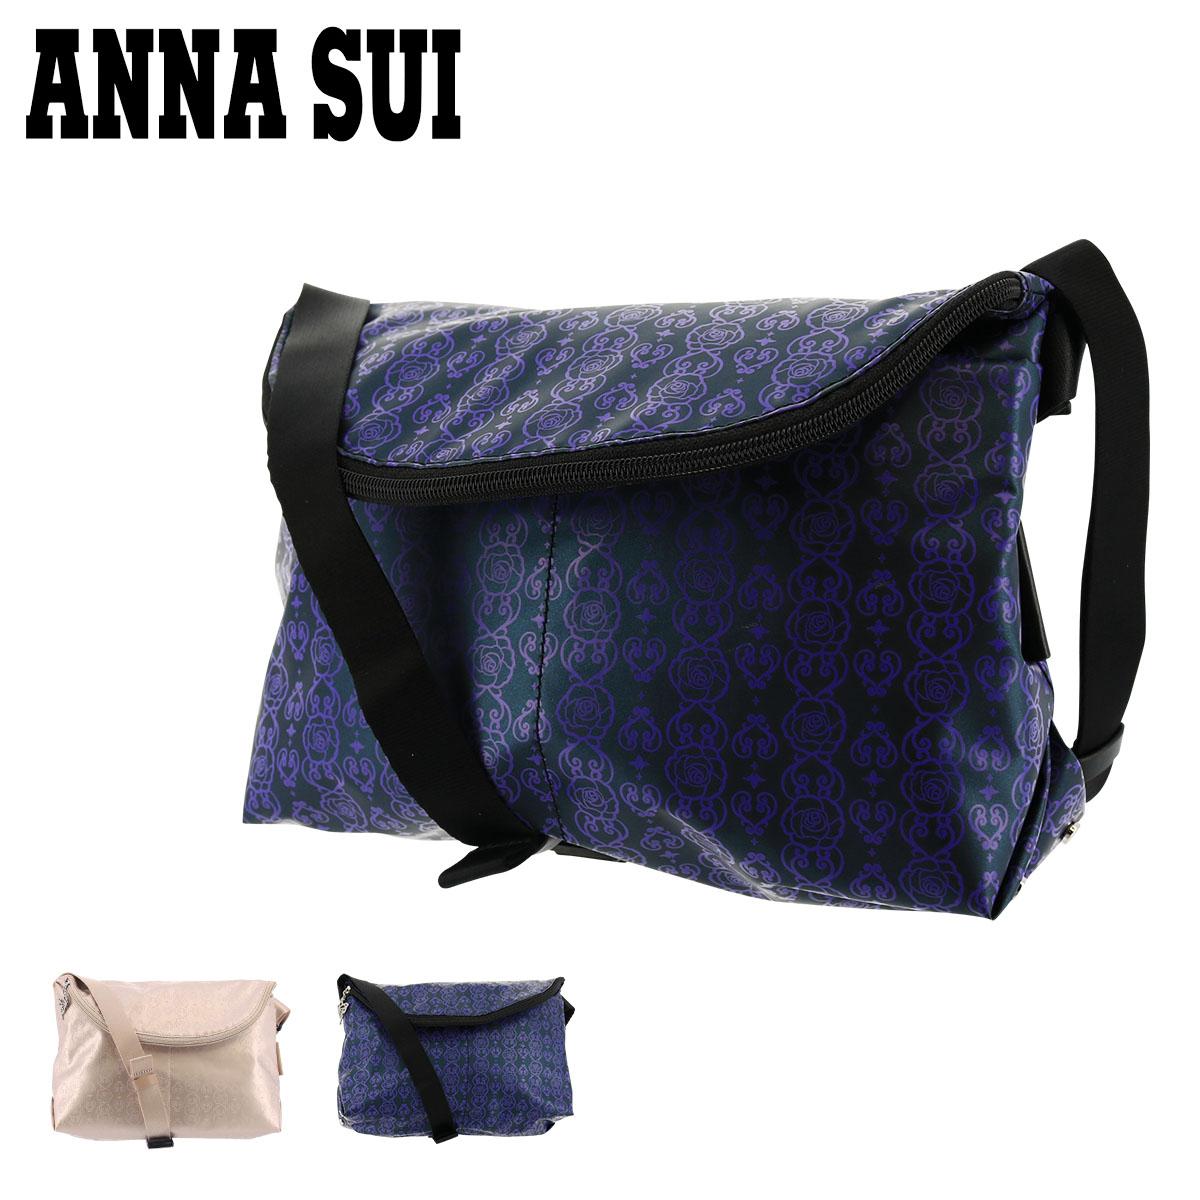 アナ スイ ショルダーバッグ クルーズ レディース314241 ANNA SUI | コンパクト 軽量 ミニショルダー